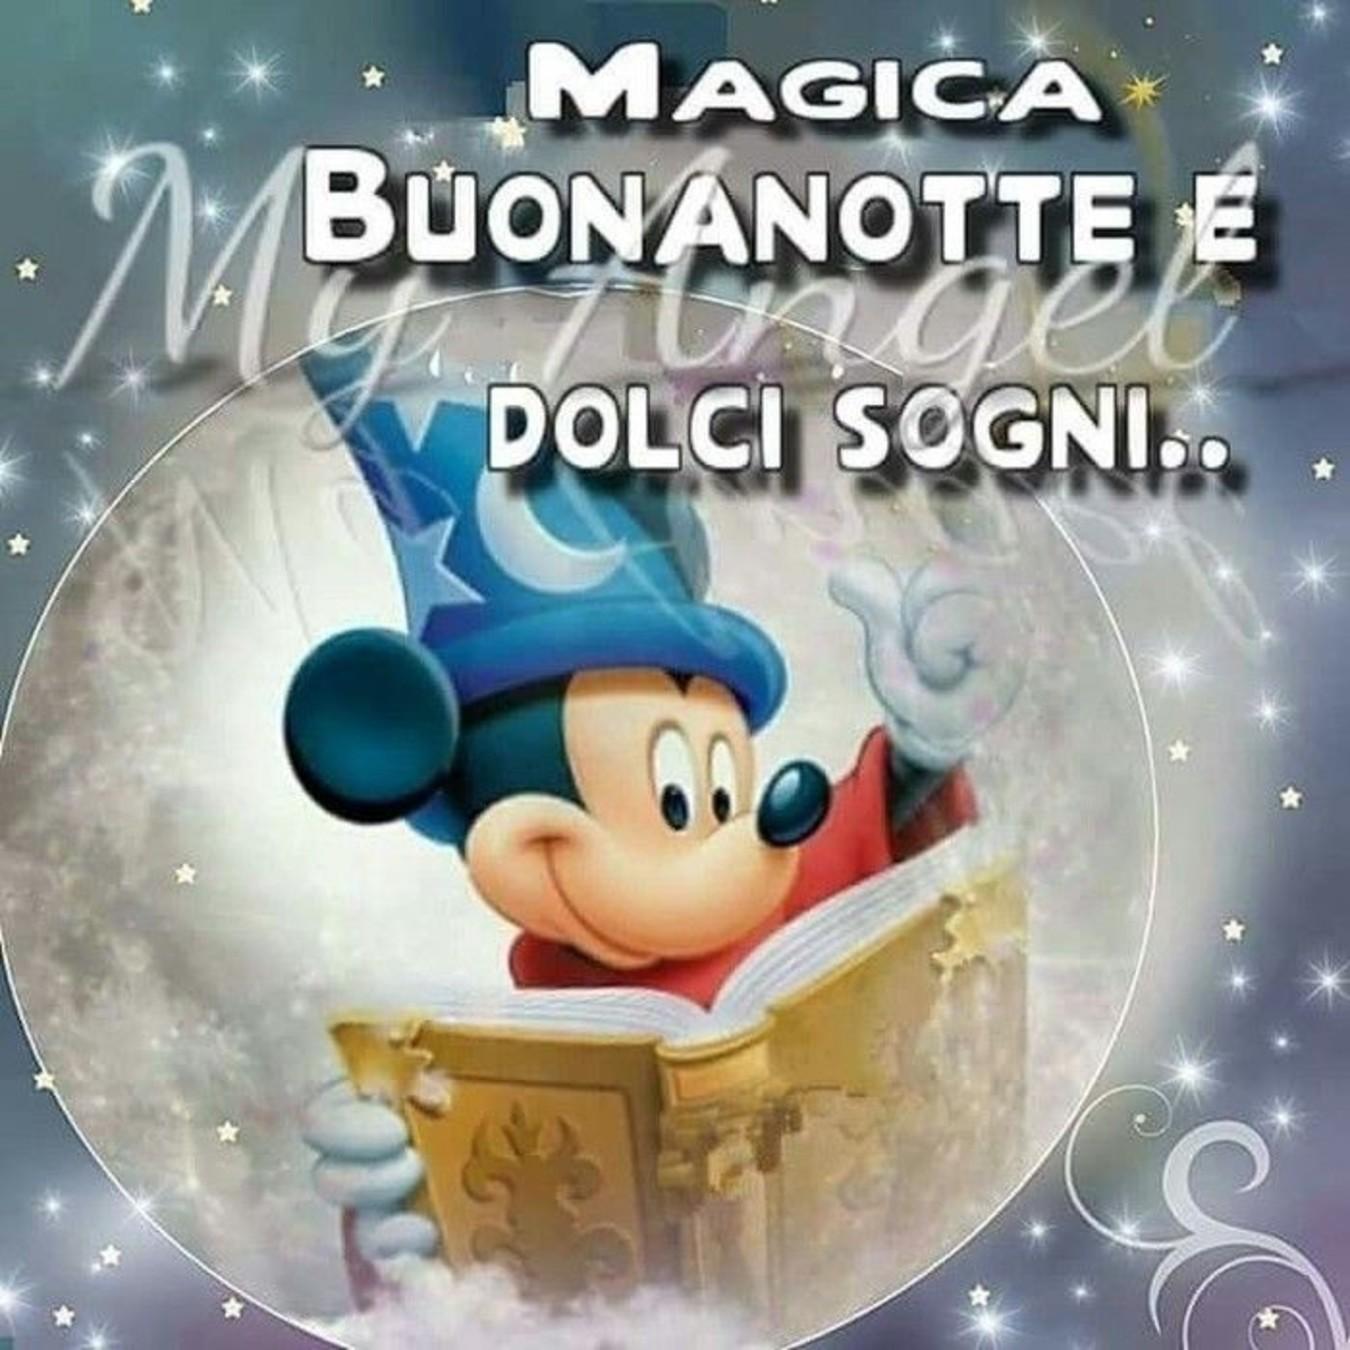 Immagini Buonanotte Amici Miei Immaginifacebook It